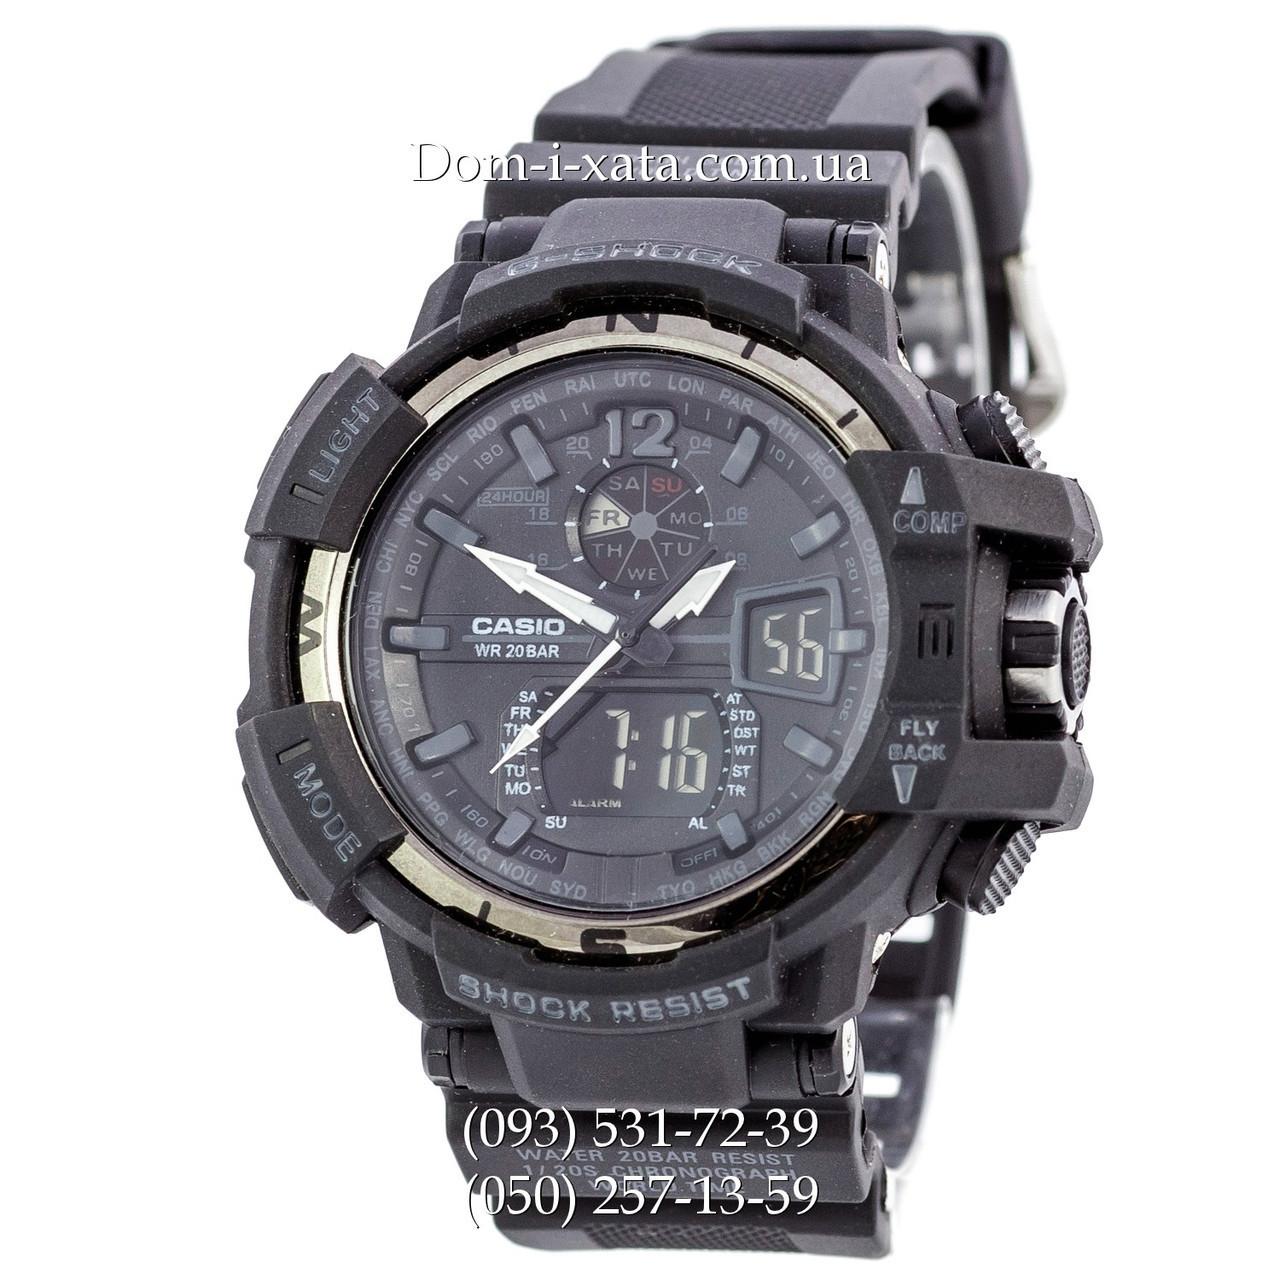 Электронные часы Casio G-Shock GW A1100 Black Silver, спортивные часы Джи Шок(черные), реплика, отличное качество!